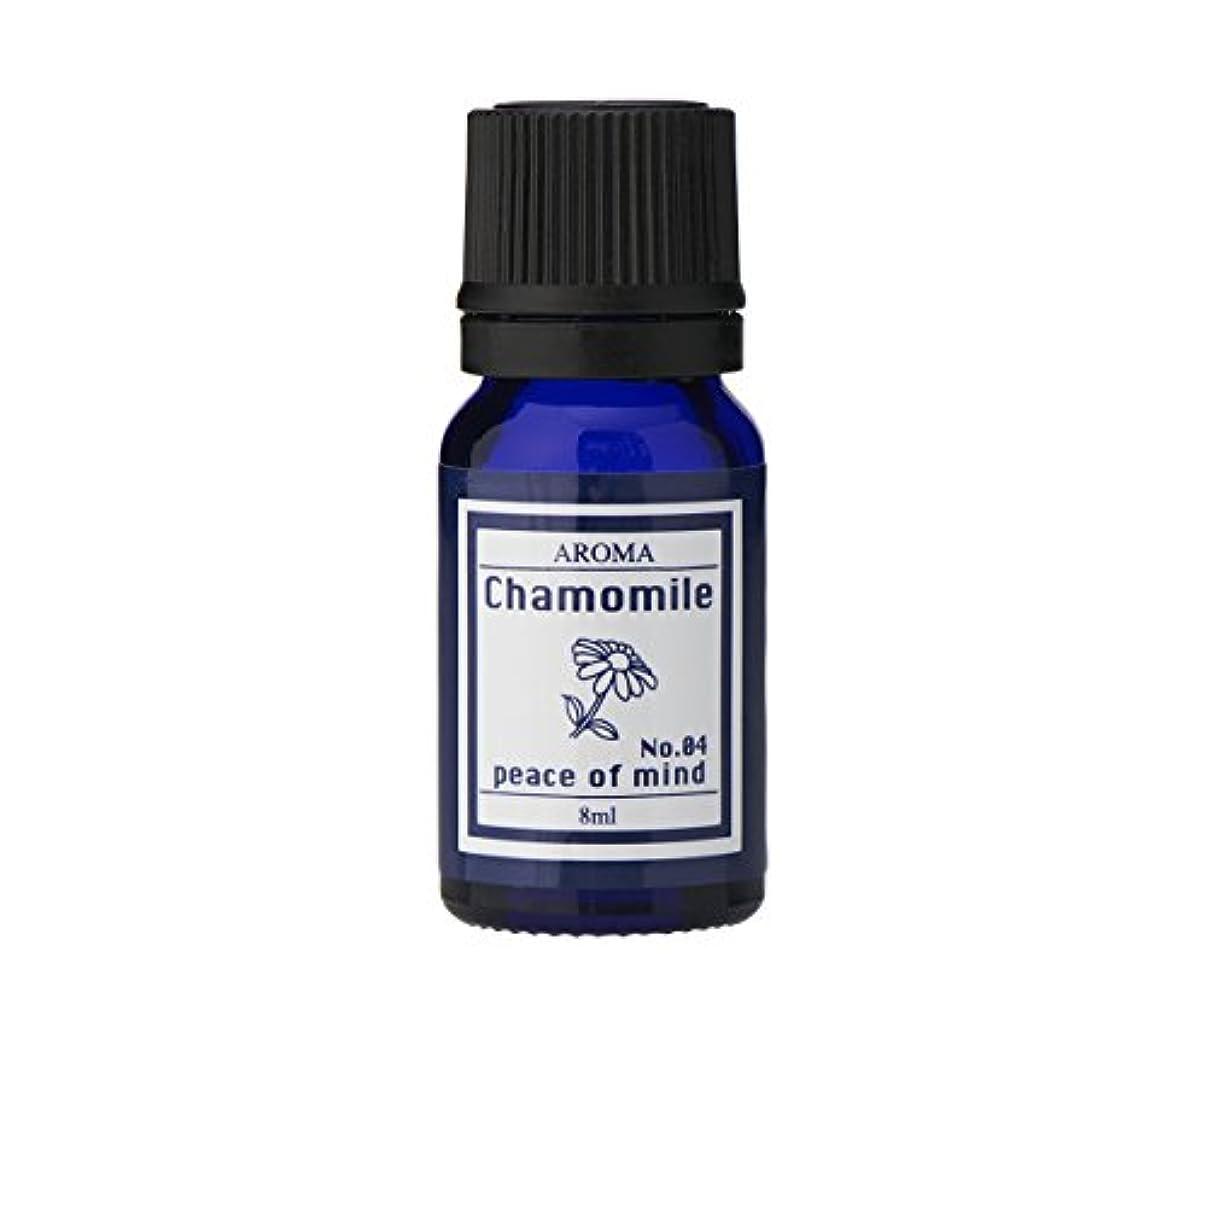 死にかけている不注意見つけたブルーラベル アロマエッセンス8ml カモマイル(アロマオイル 調合香料 芳香用)